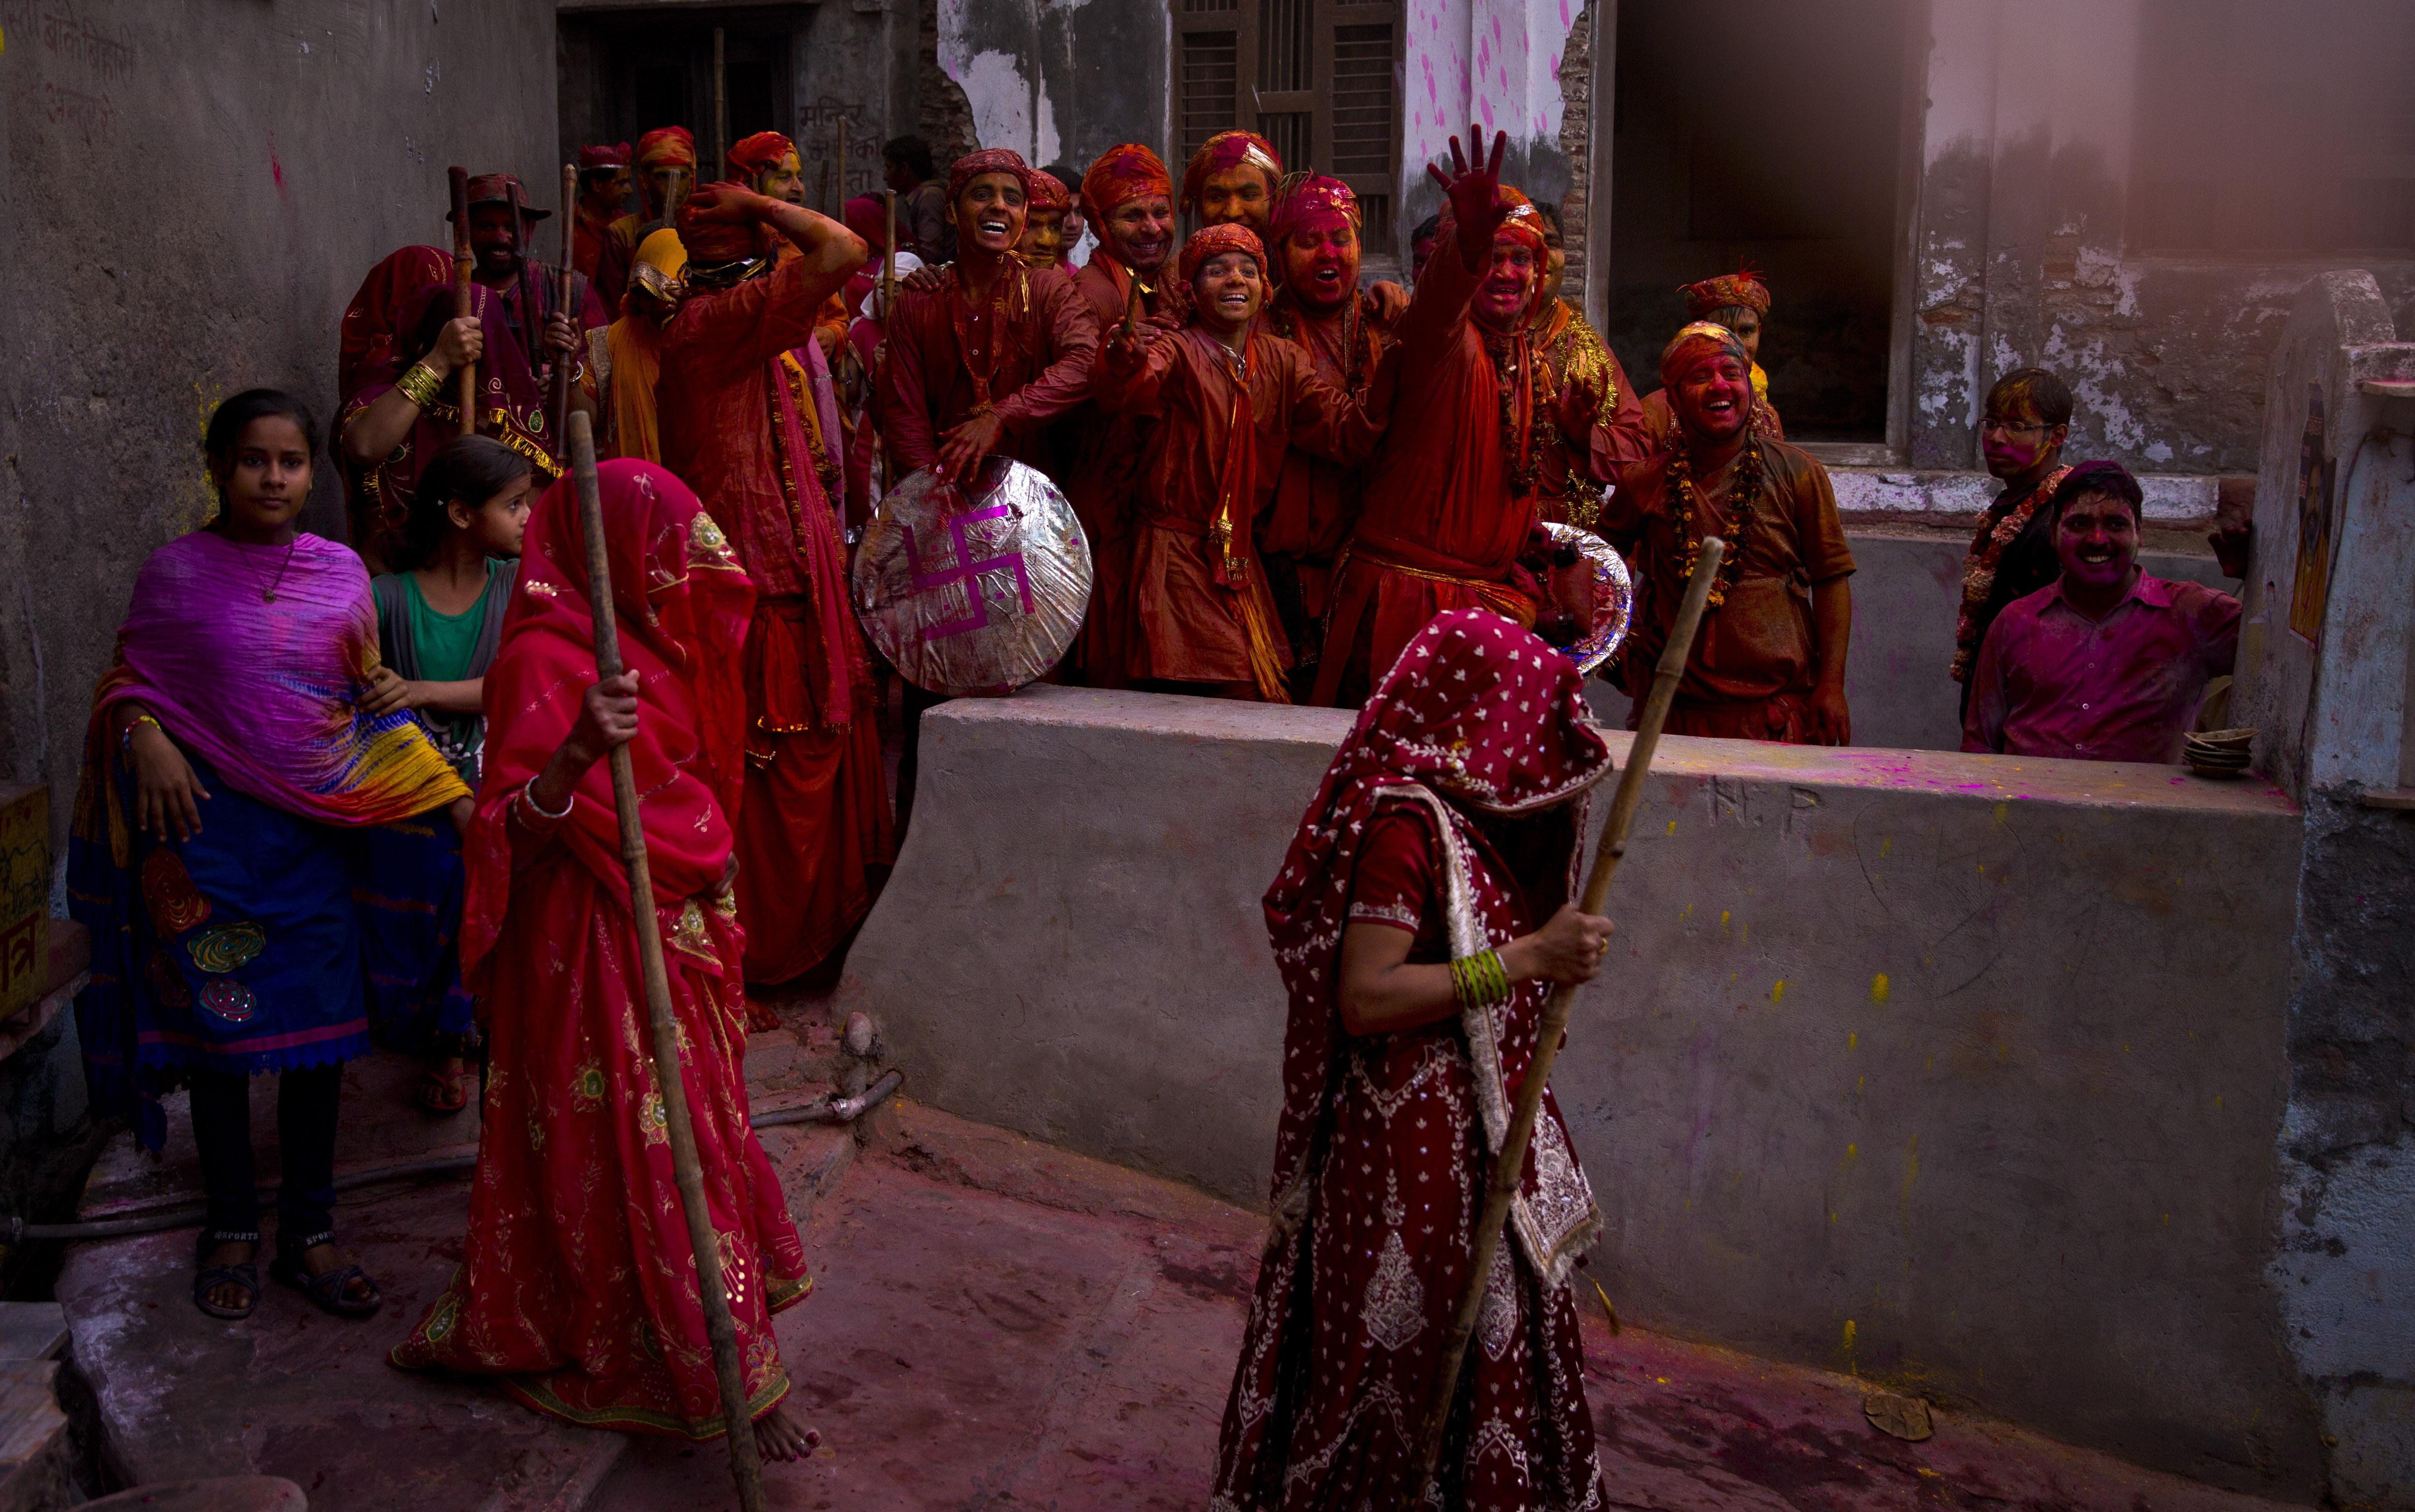 India-Holi-Lathmar